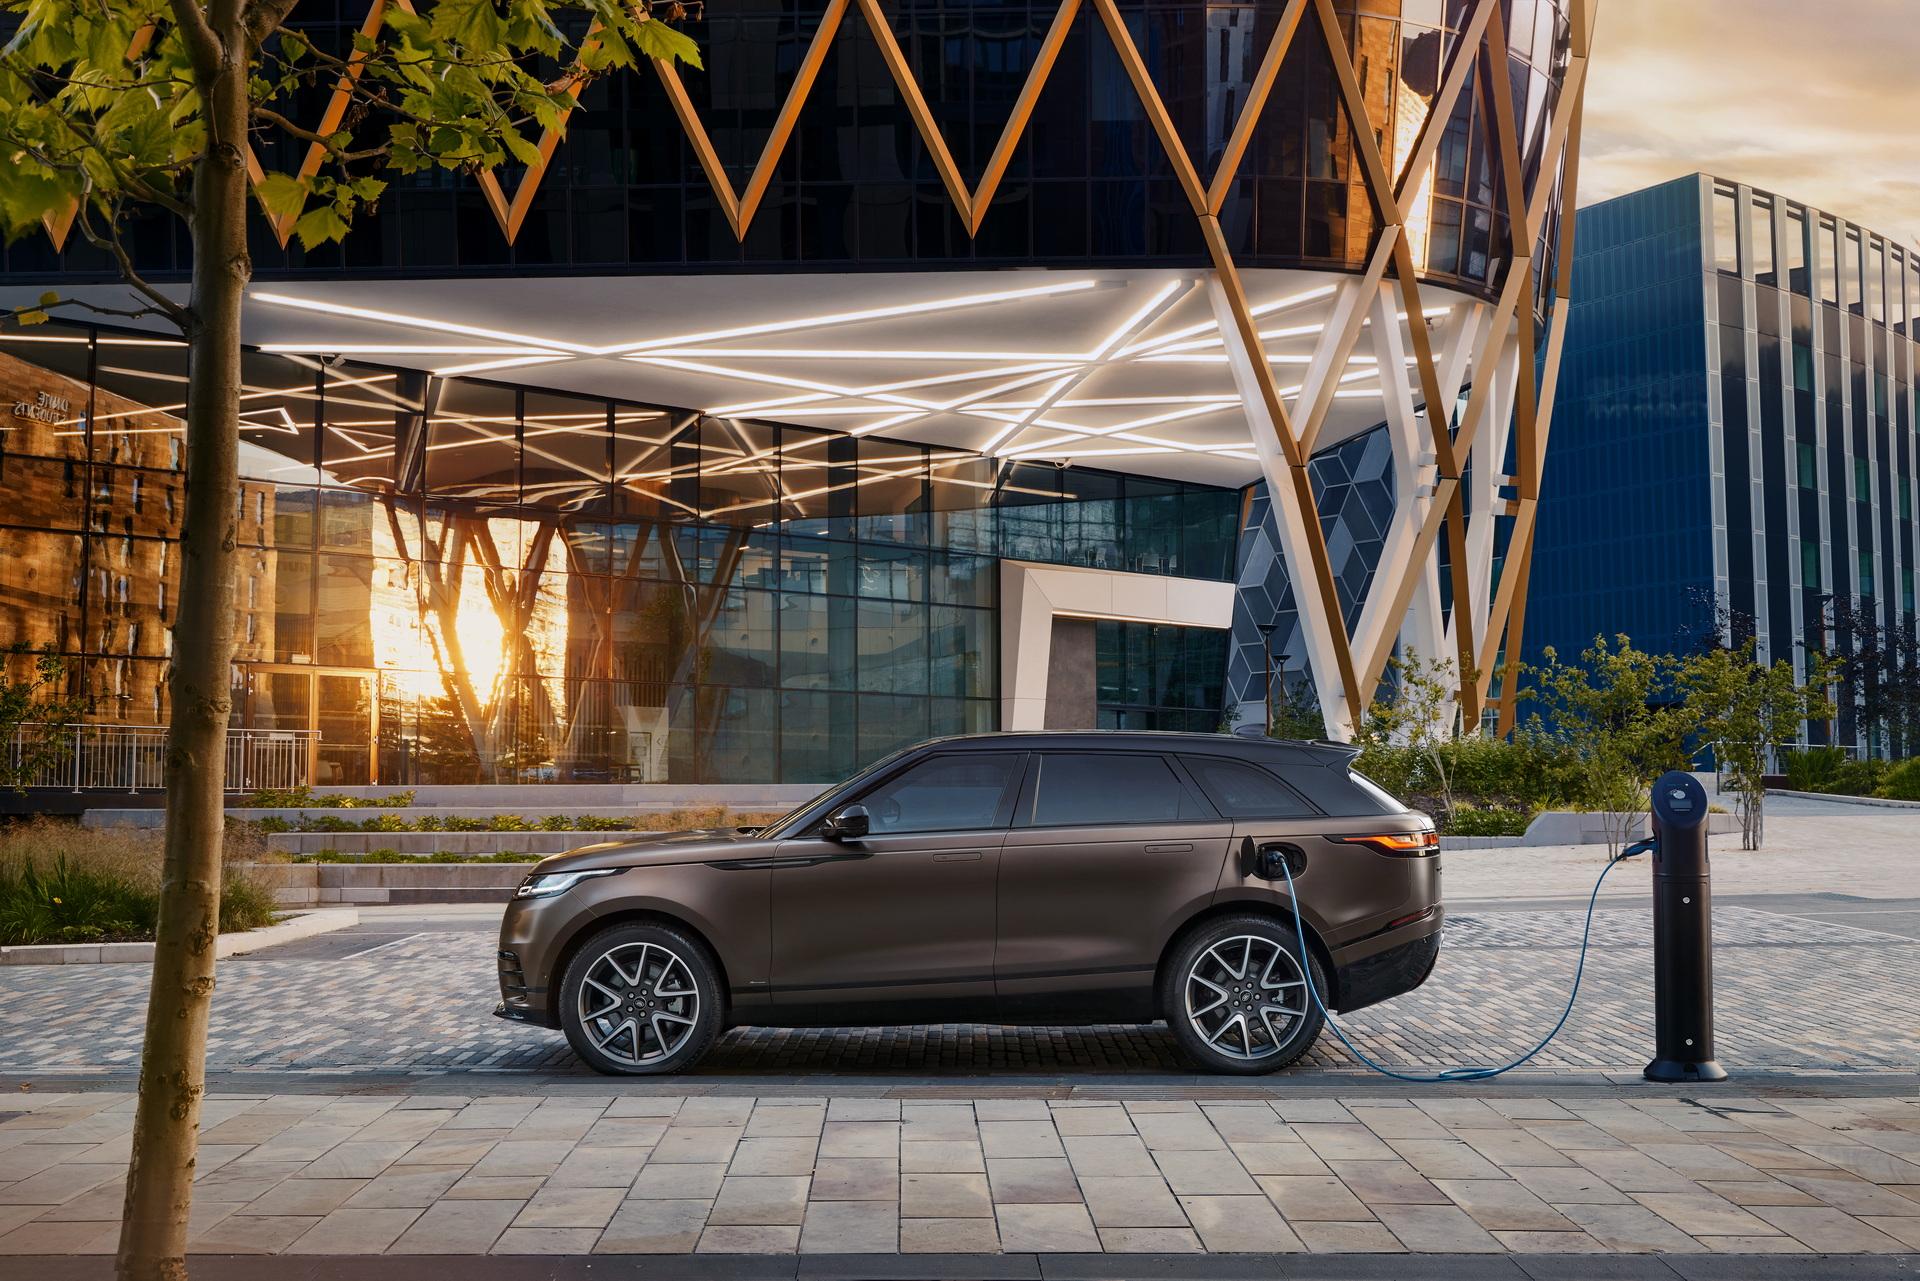 Land-Rover-ra-mắt-Range-Rover-Velar-2022-với-nhiều-nâng-cấp (9).jpg